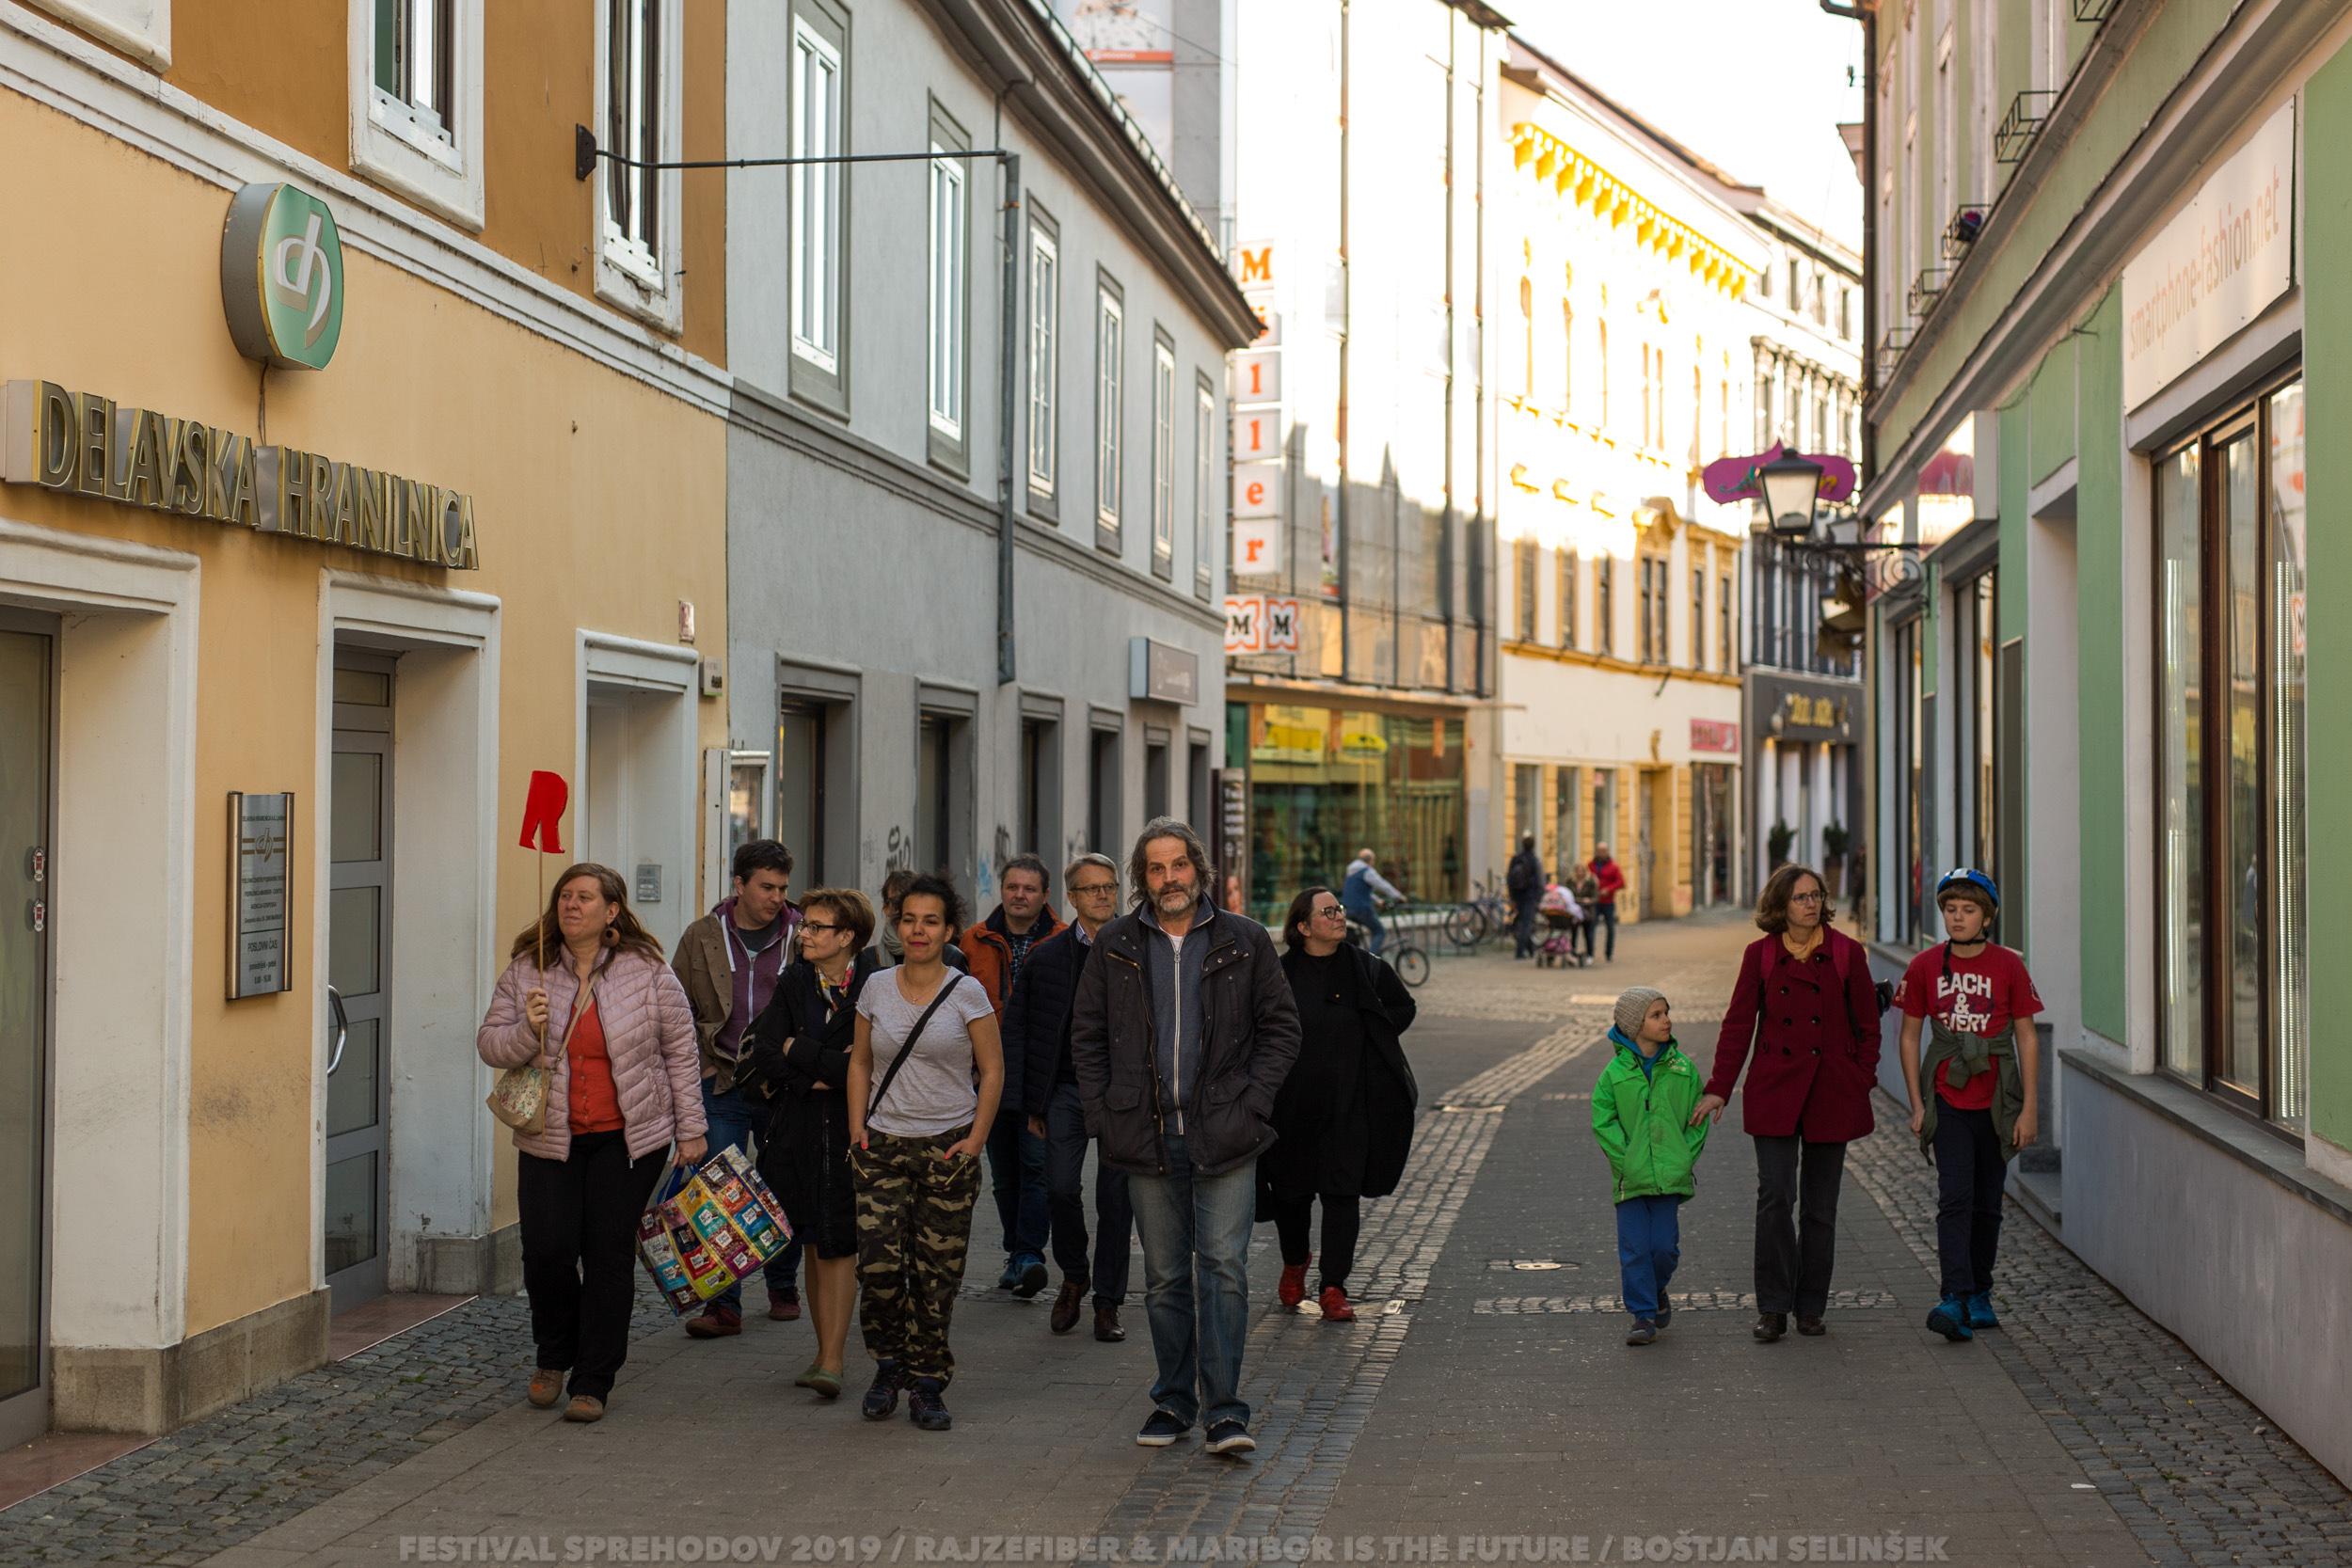 festival sprehodov 2019_5dan_Boštjan Selinšek (70).jpg